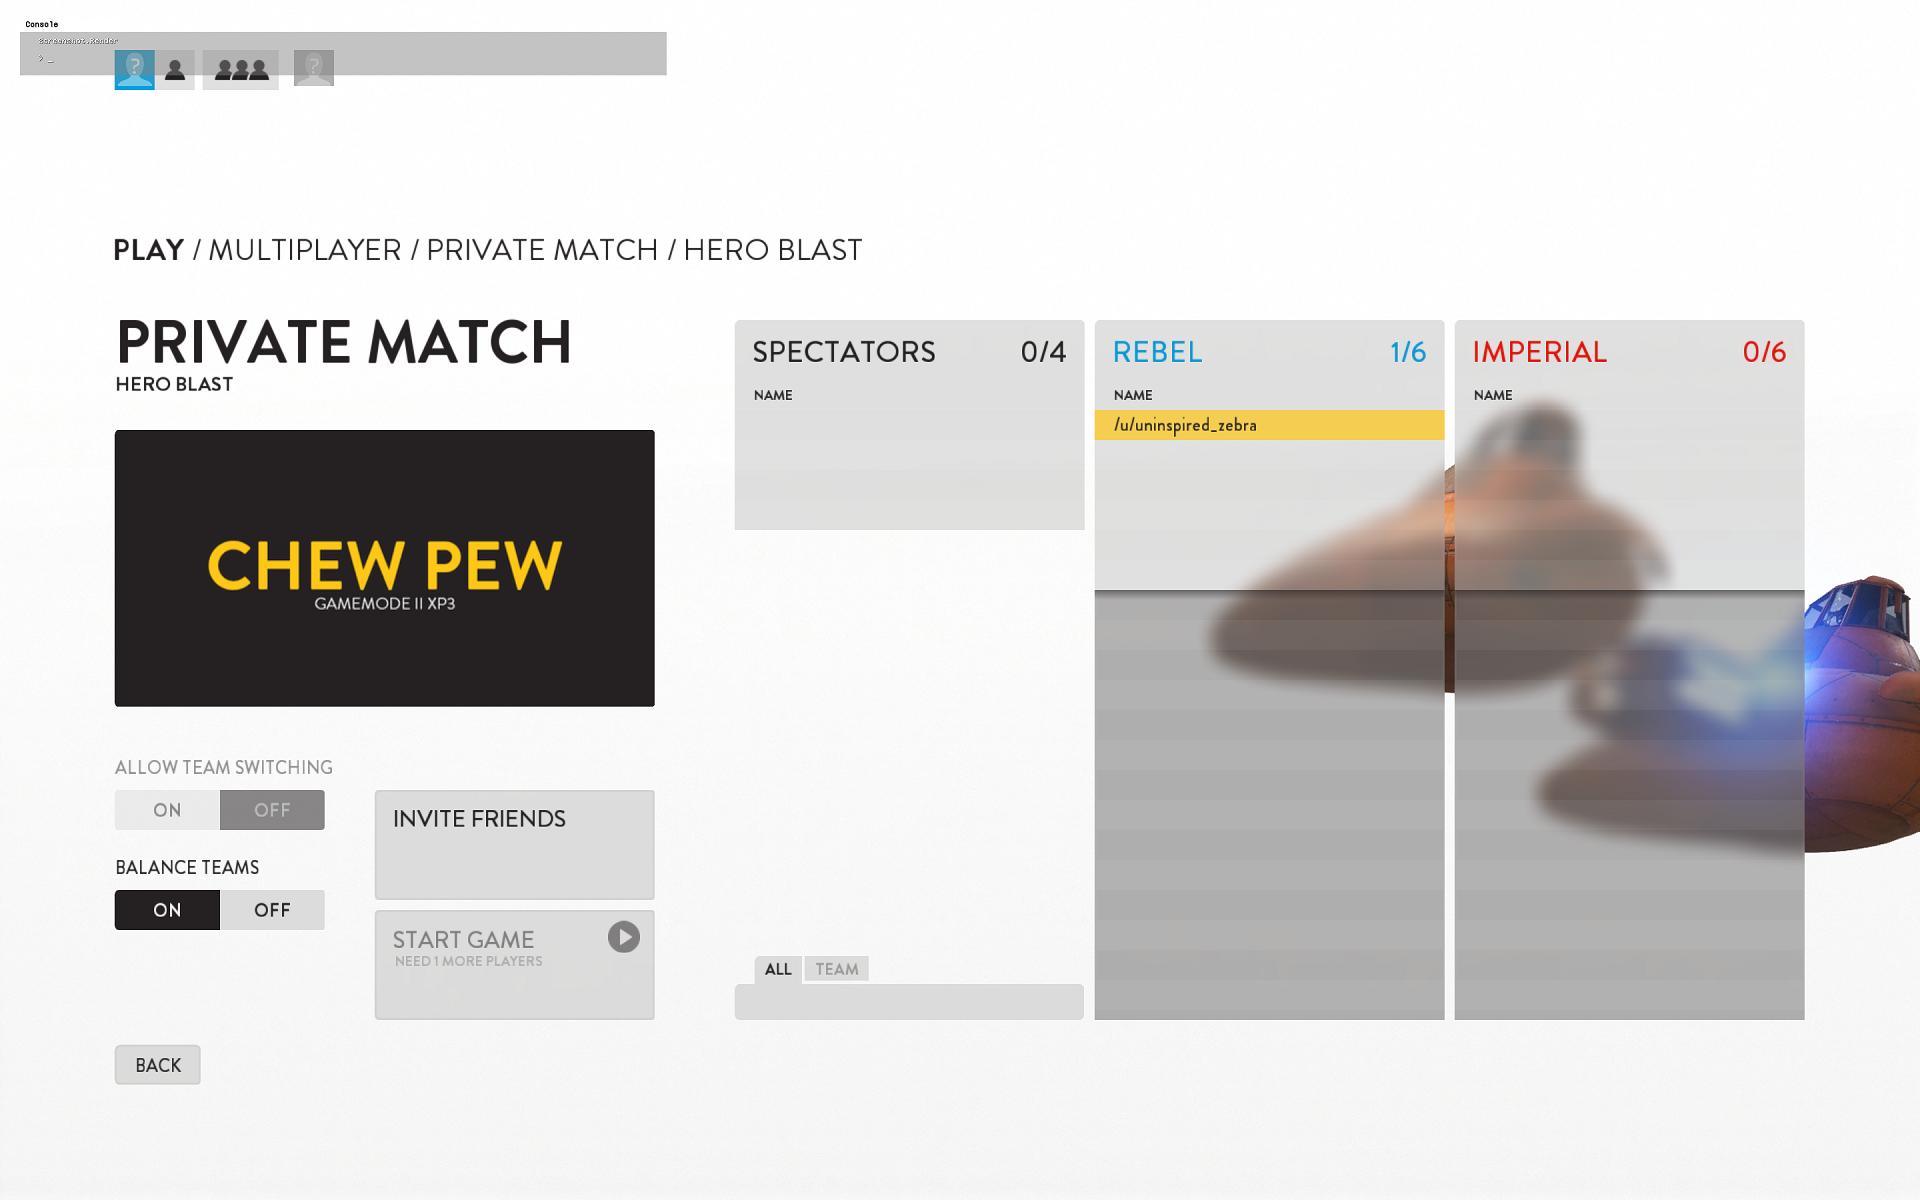 Podpora Star Wars: Battlefrontu ještě nekončí, tvrdí EA 137778